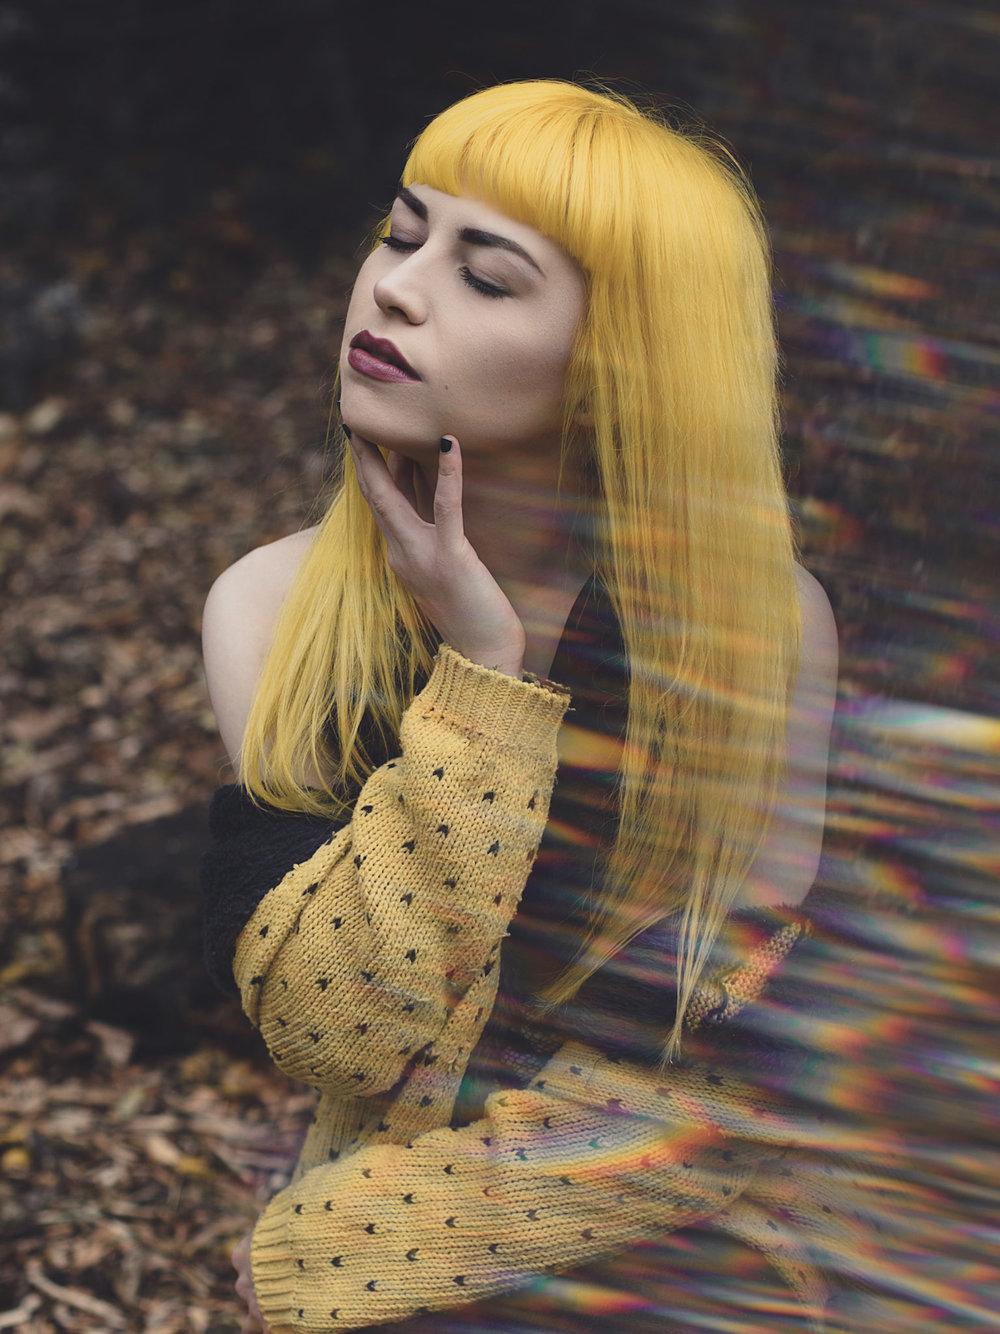 Jessica by Vera Change - portfolio www.verachange.com